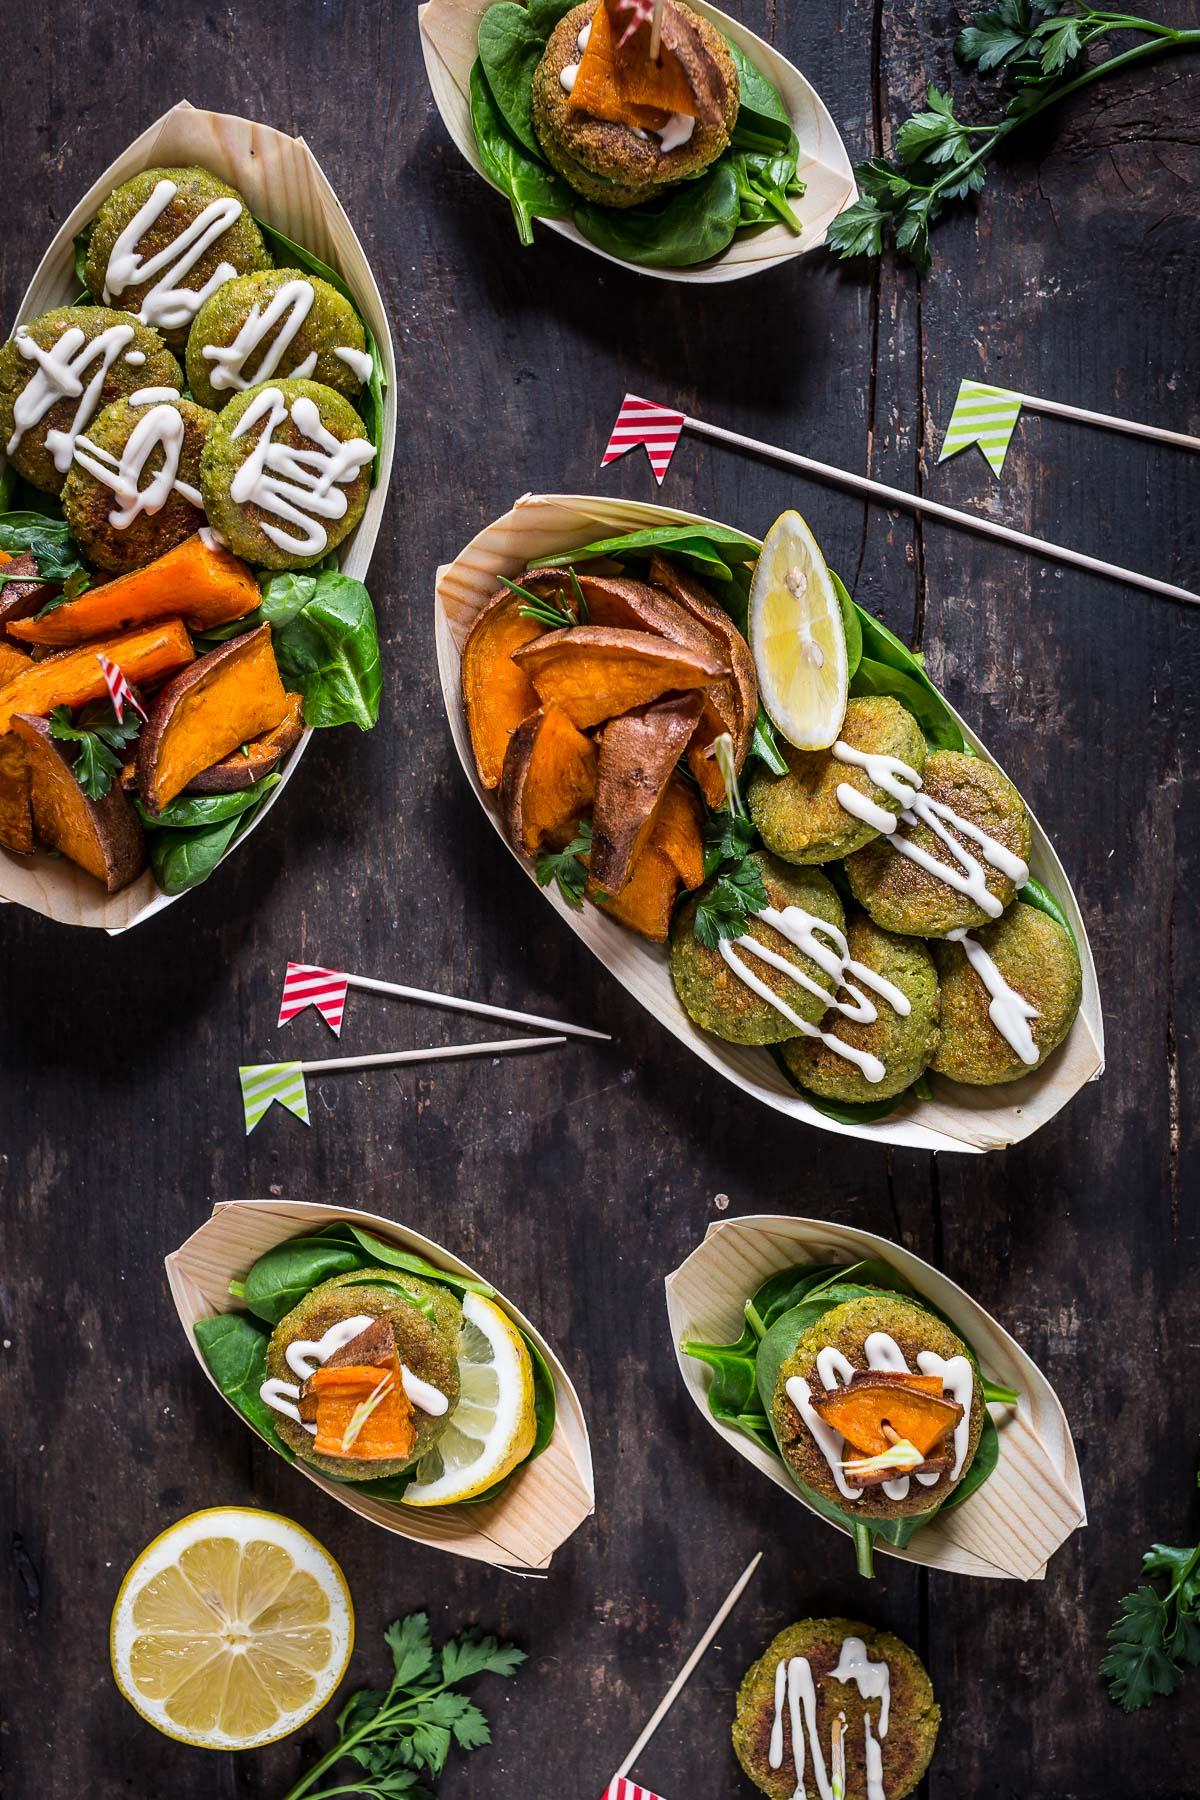 how to make vegan easy falafel with tahini sauce and rosemary baked potatoes - Falafel non fritti facilissimi con salsa tahina allo yogurt e patate dolci al forno 2